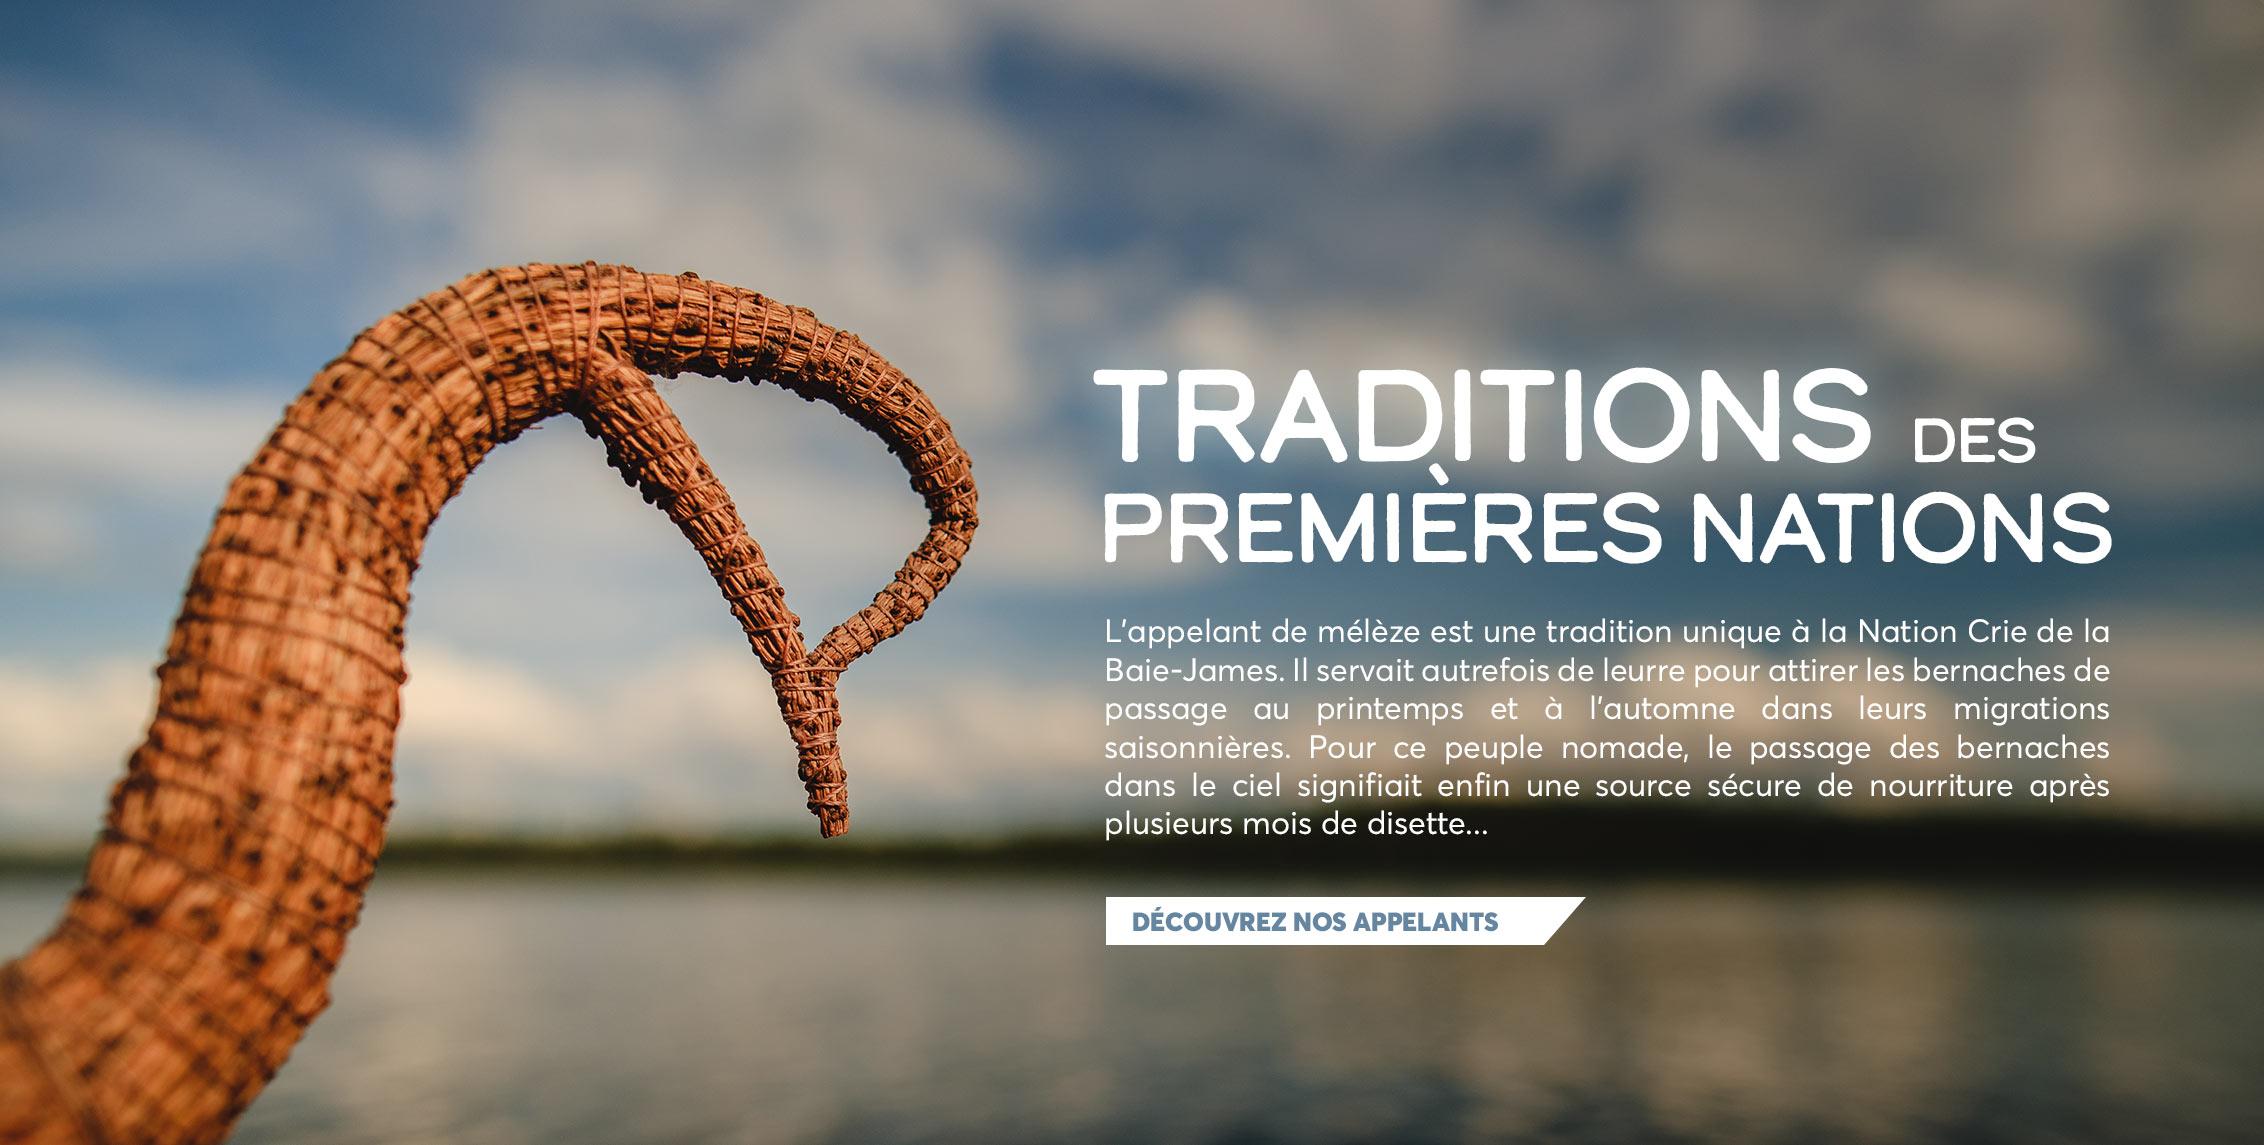 L'appelant de mélèze est une tradition unique à la Nation Crie de la Baie-James. Il servait autrefois de leurre pour attirer les bernaches de passage au printemps et à l'automne dans leurs migrations saisonnières. Pour ce peuple nomade, le passage d